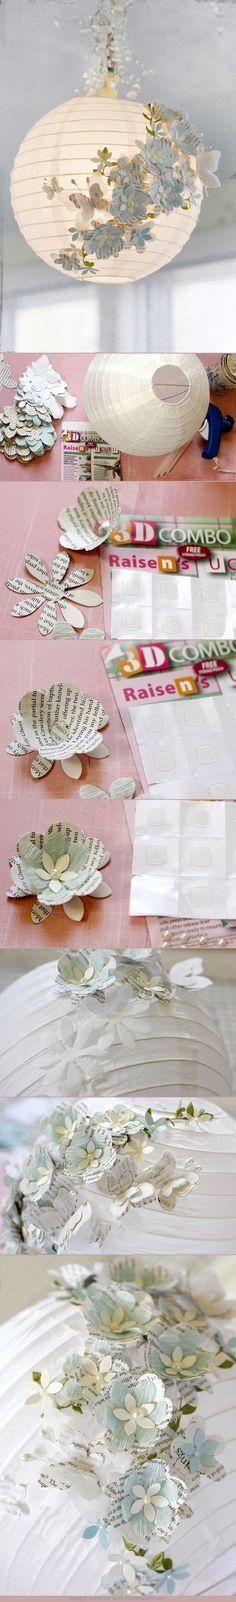 DIY 3D Lâmpada de papel.